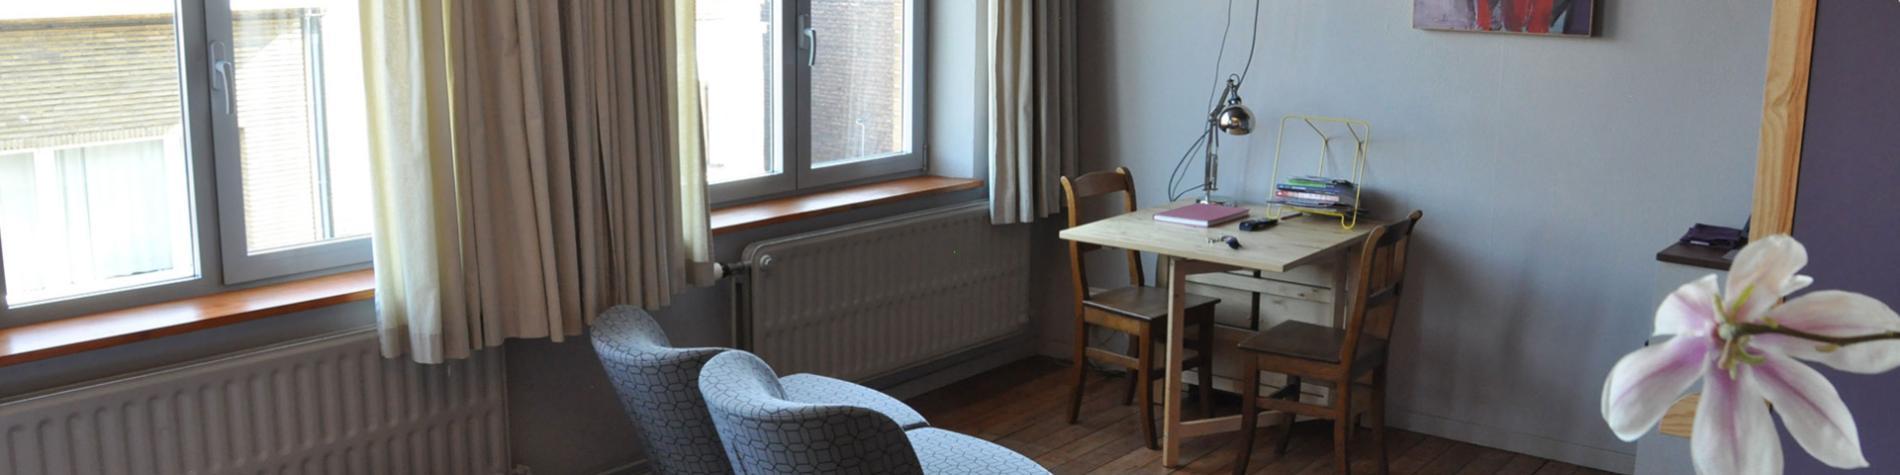 Chambre d'hôtes - W'allons nous dormir - Liège